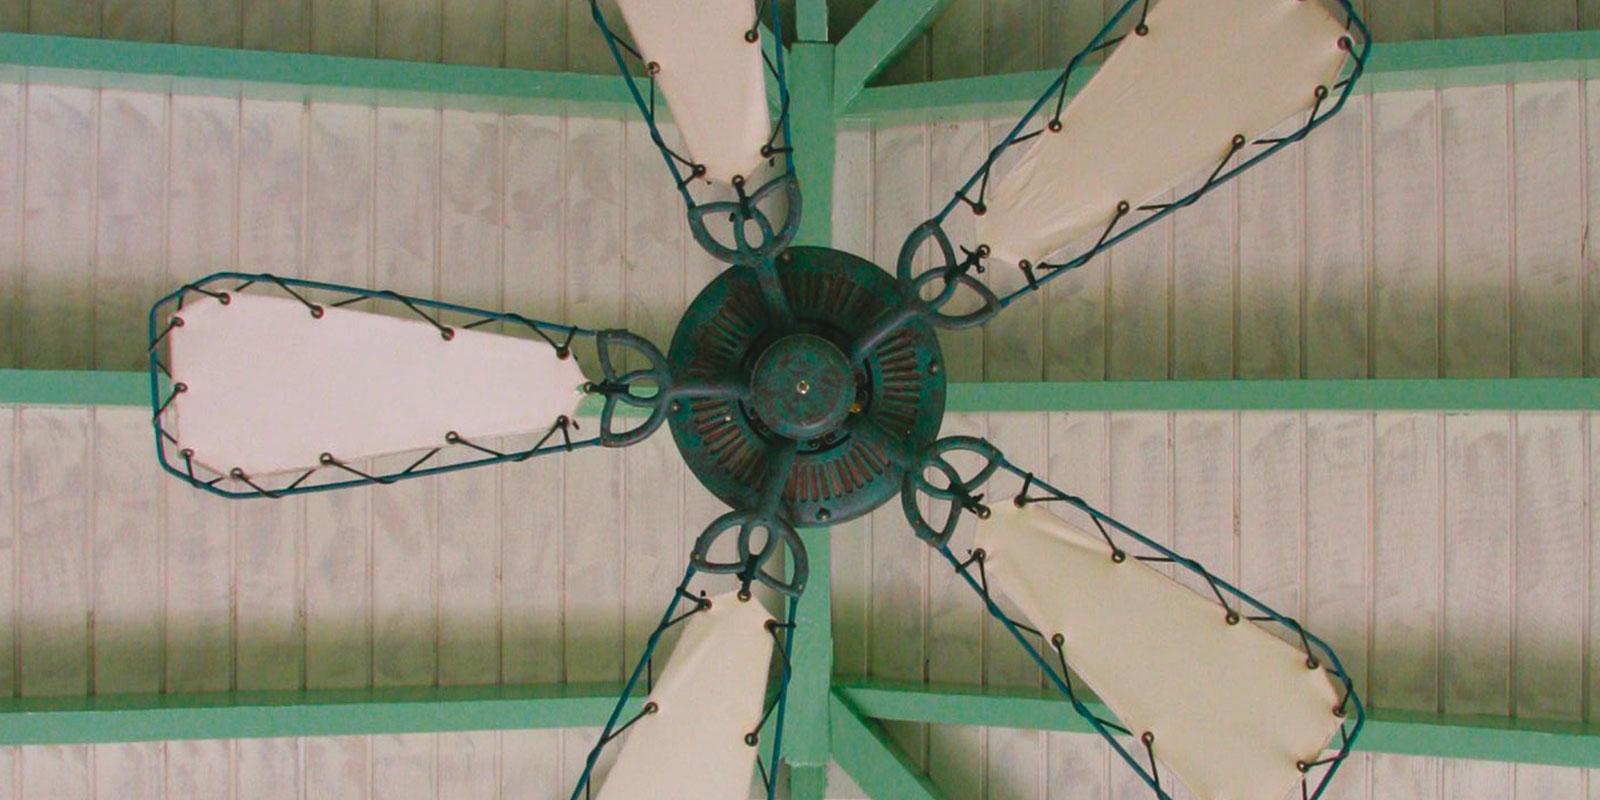 'Caribbean ceiling fan' by Brian Snelson